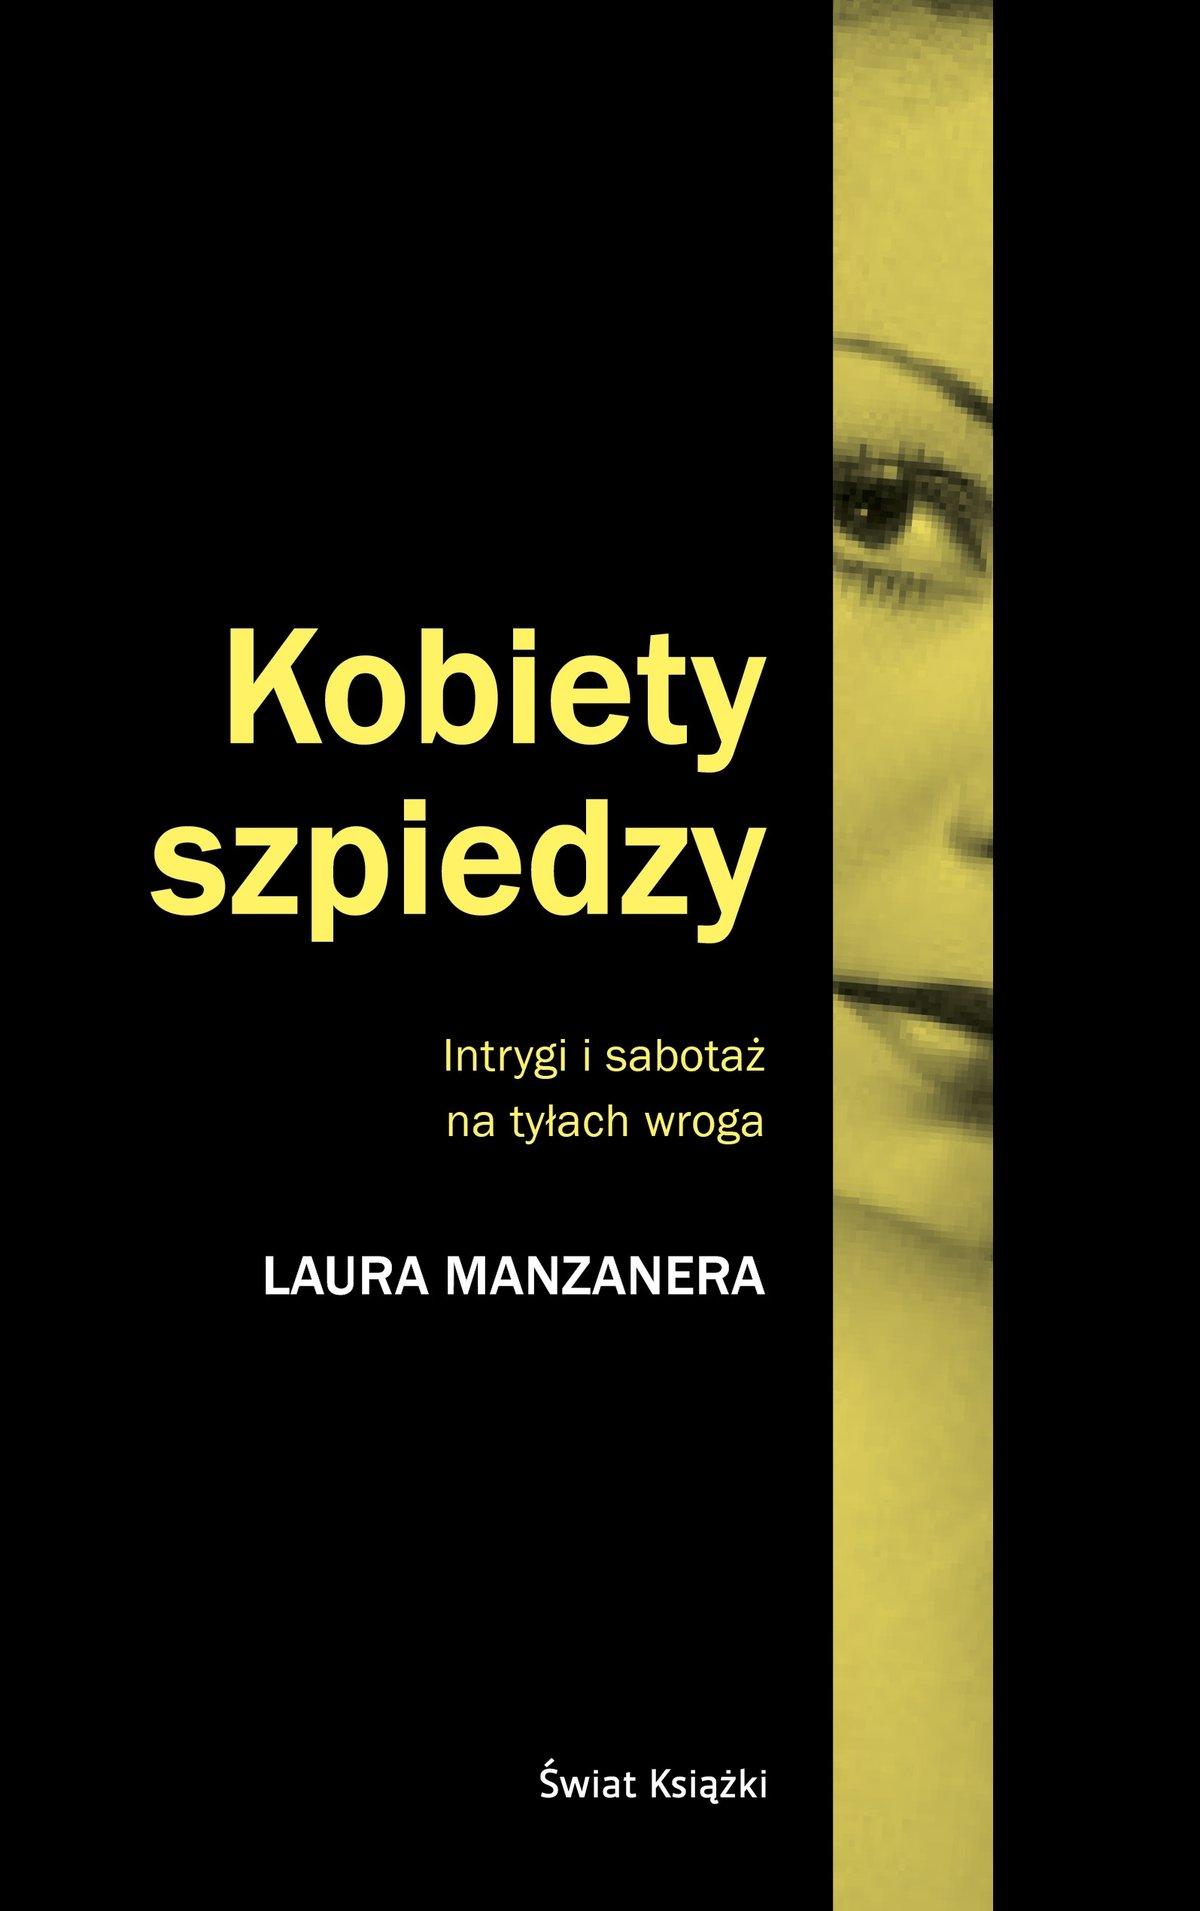 Kobiety szpiedzy - Ebook (Książka na Kindle) do pobrania w formacie MOBI